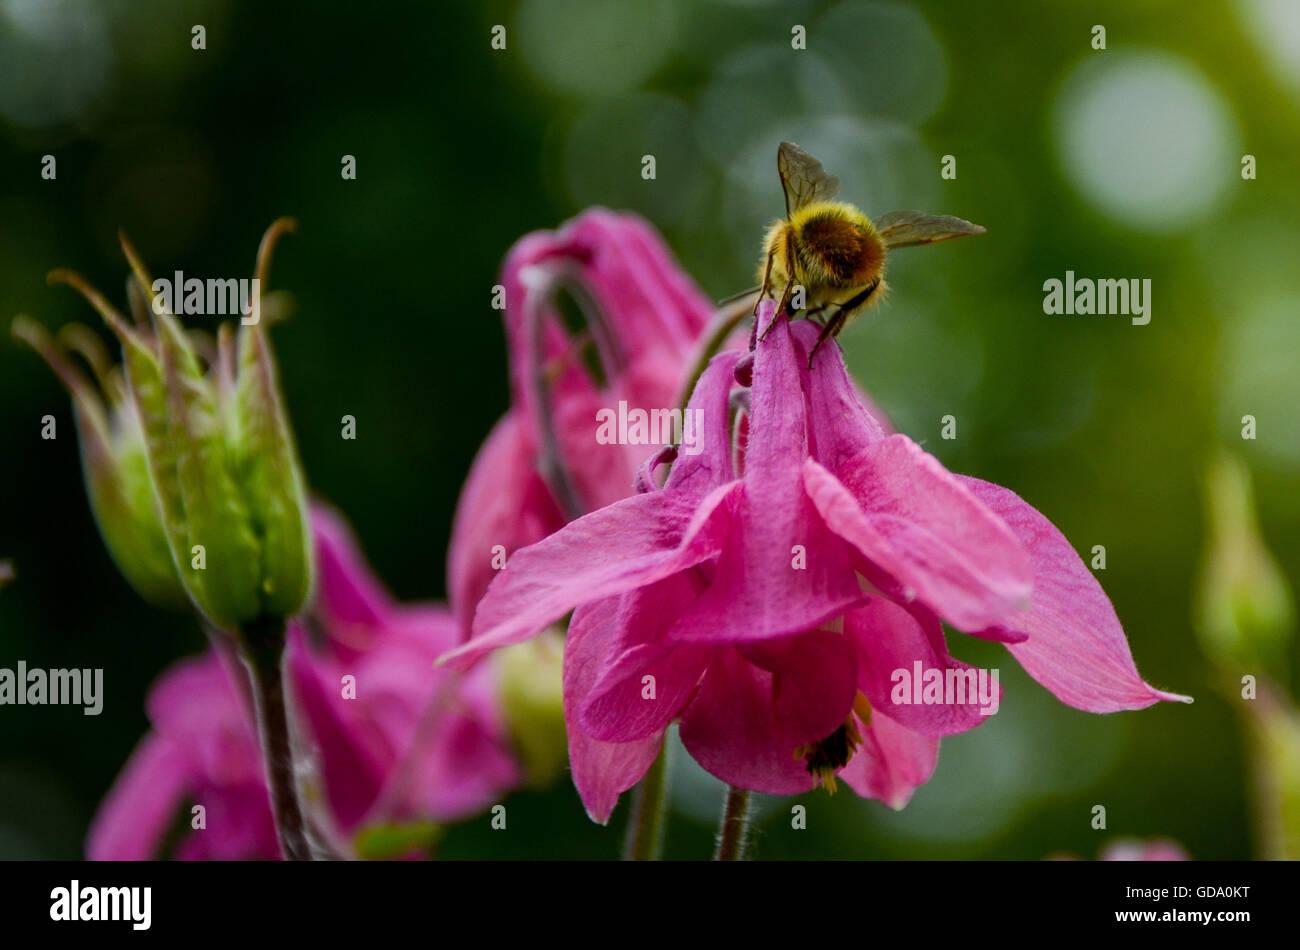 Neighborhood garden with bee getting nectar - Stock Image